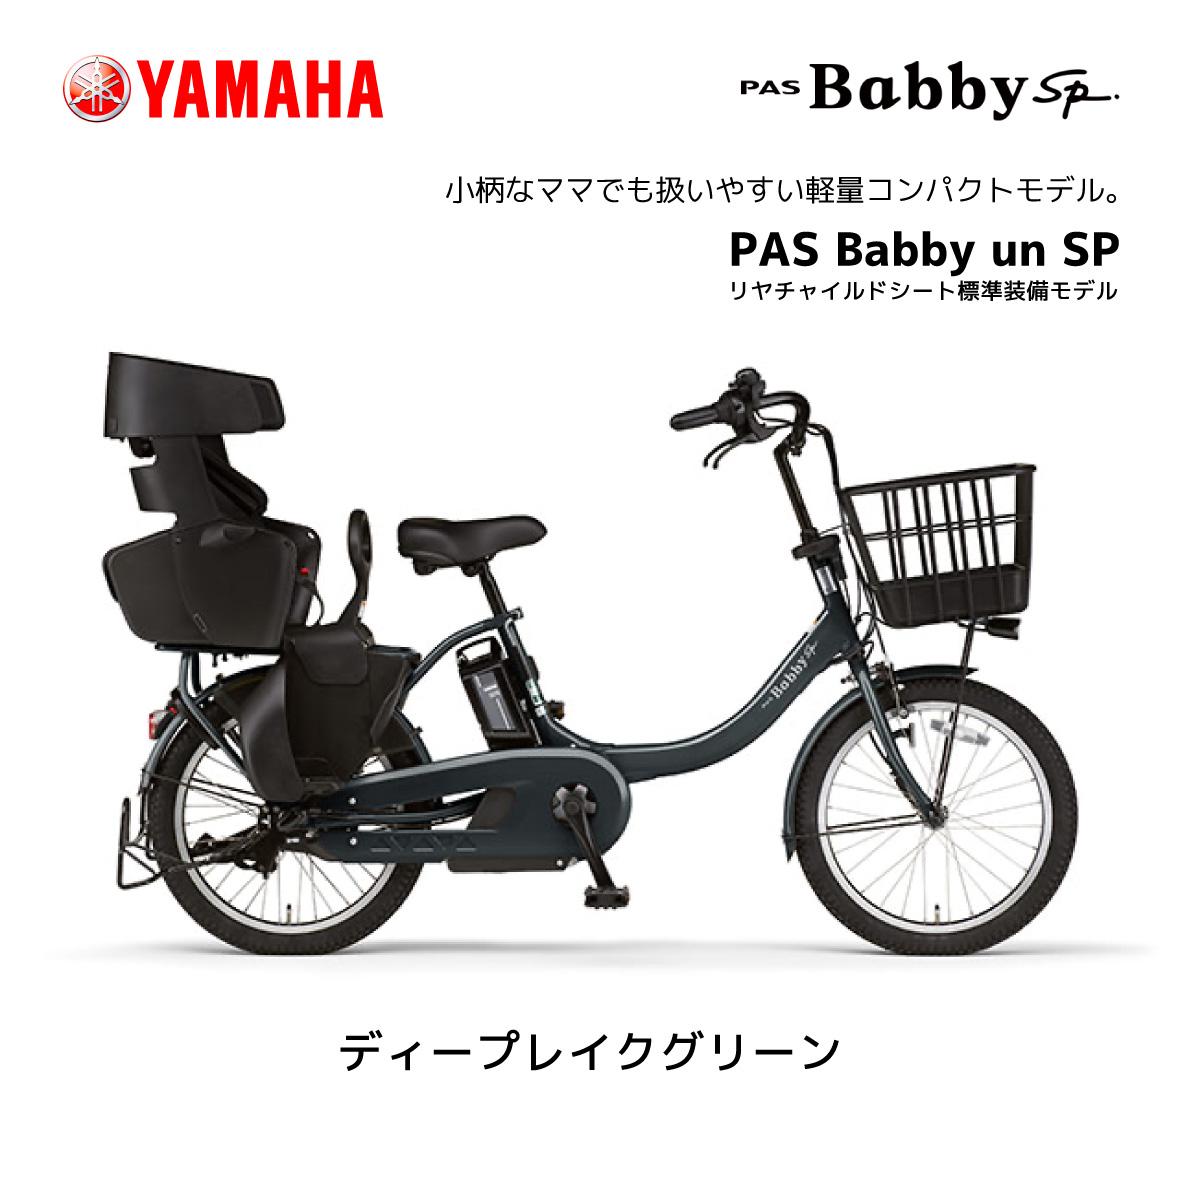 電動自転車 ヤマハ 子ども乗せ PAS Babby un SP パス バビー アン スーパー リヤチャイルドシート標準装備モデル 20インチ PA20BSPR